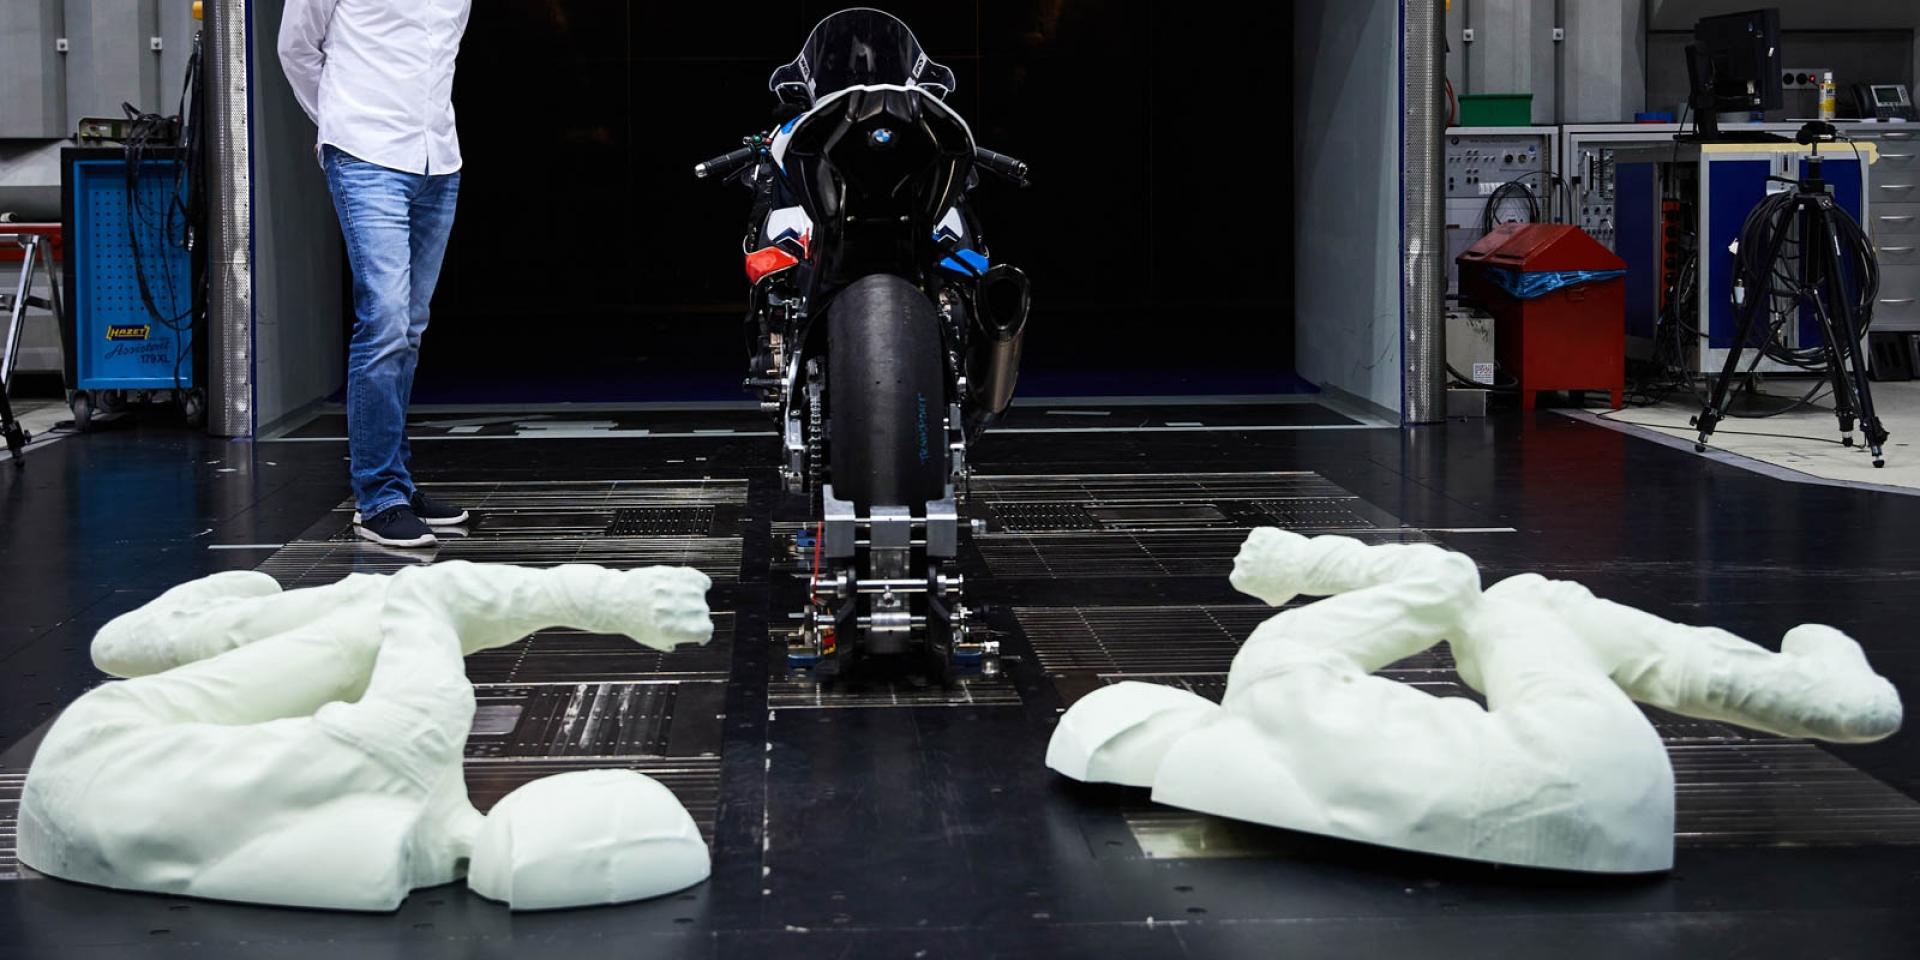 騎士 塑膠做的!BMW使用3D列印車手進行風洞測試